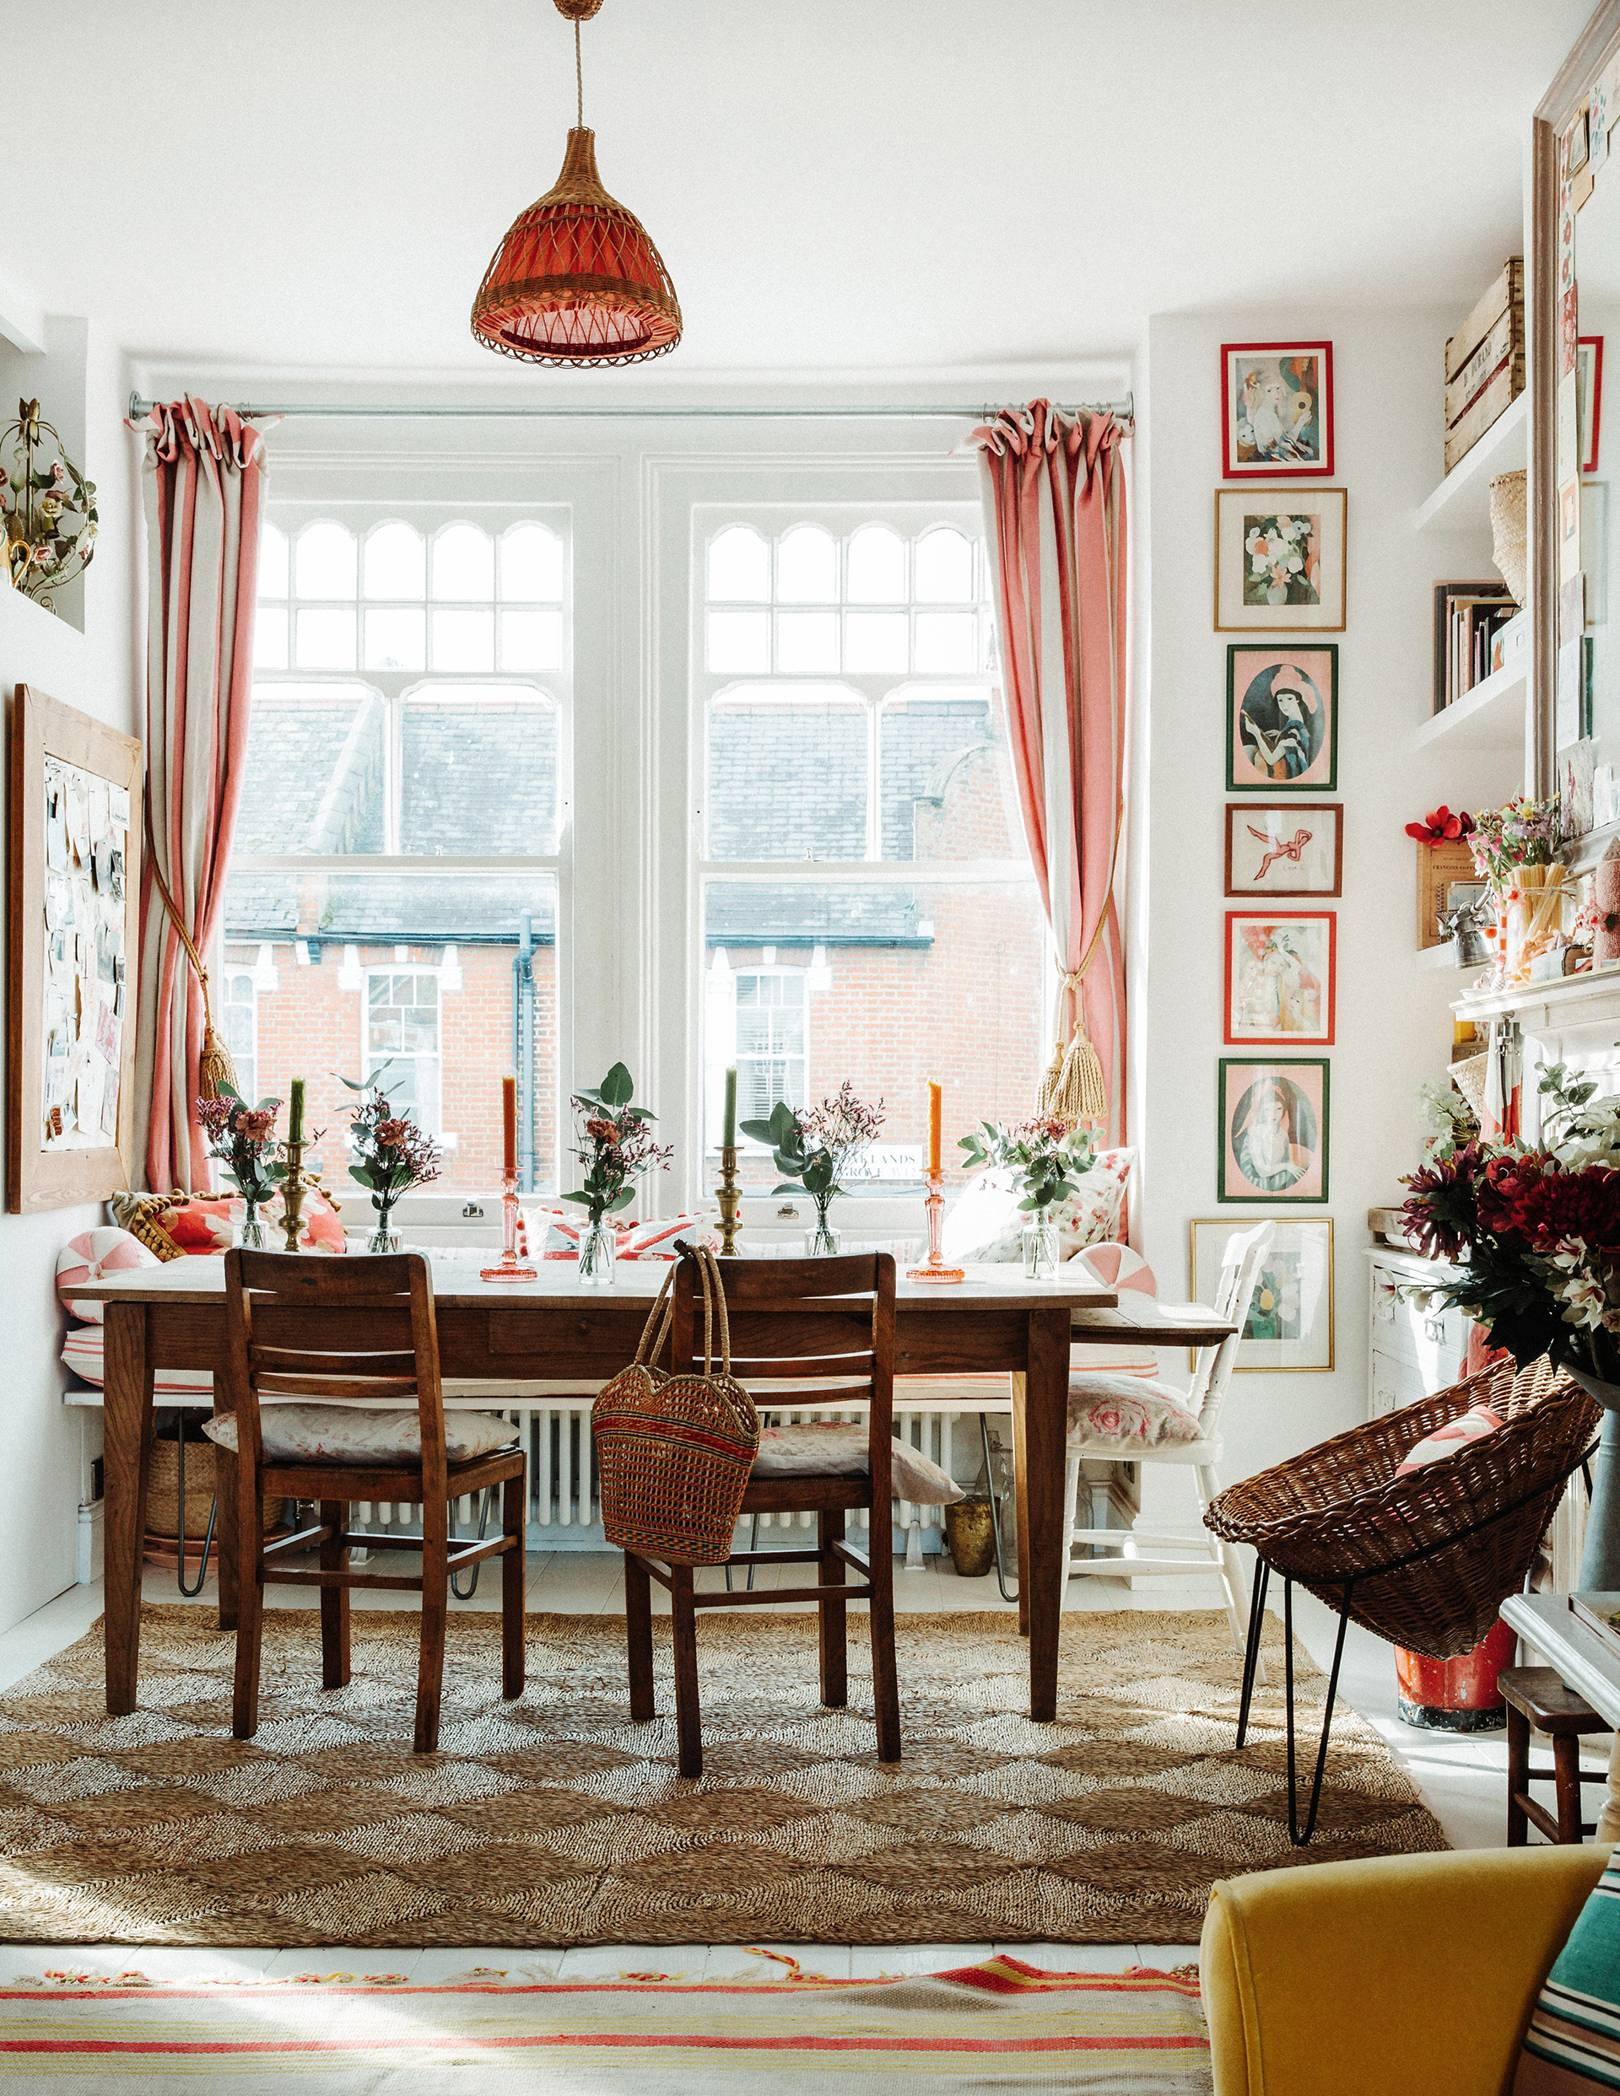 salle à manger shabby chic fraîche avec rideaux rayés et bois en couches | visite de la maison de la dent violette